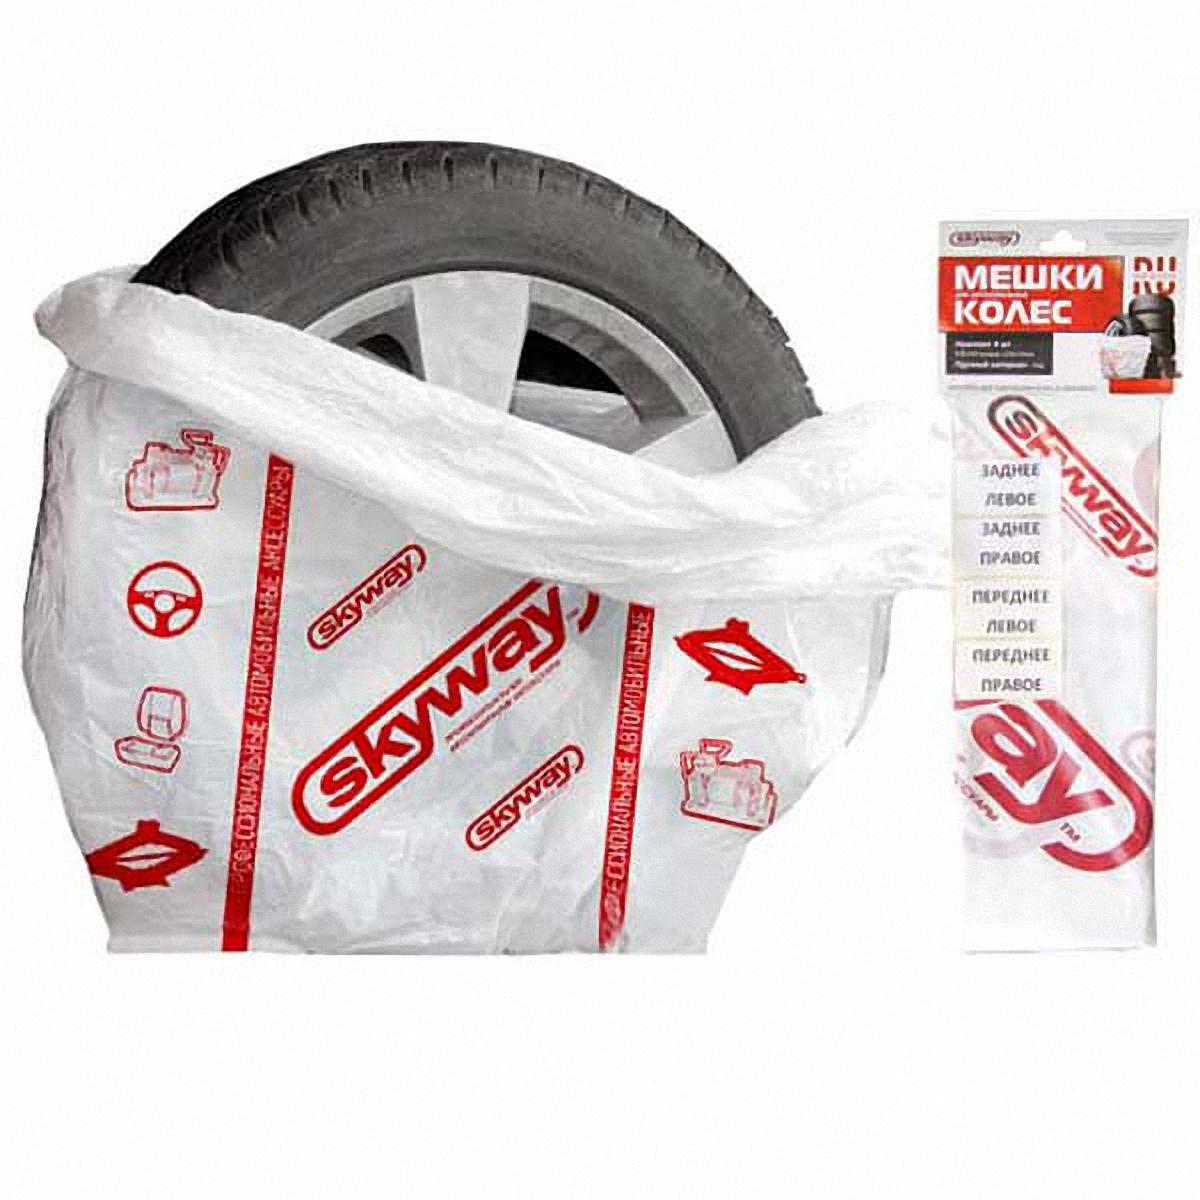 Мешки для хранения колес Skyway R12-19, цвет: белый, 110 х 110 см, 4 штS05901001Мешки для хранения колес SKYWAY R12-19 110*110см 4шт – мешки предназначены для хранения колес размера R12-19. Изготовлены из полиэтилена низкого давления (ПНД), что обеспечивает высокую прочность. Мешки ПНД меньше растягиваются, поэтому они лучше приспособлены для переноски тяжести. Имеют матовую поверхность и вместительный размер - 110*110 см, а также в комплект входят наклейки для маркировки колес. Мешки SKYWAY - это максимум прочности при минимальном бюджете. Характеристики: Размер колеса - R12-19 Размер мешка – 110*110 см Материал - полиэтилена низкого давления (ПНД) Цвет – белый с логотипом